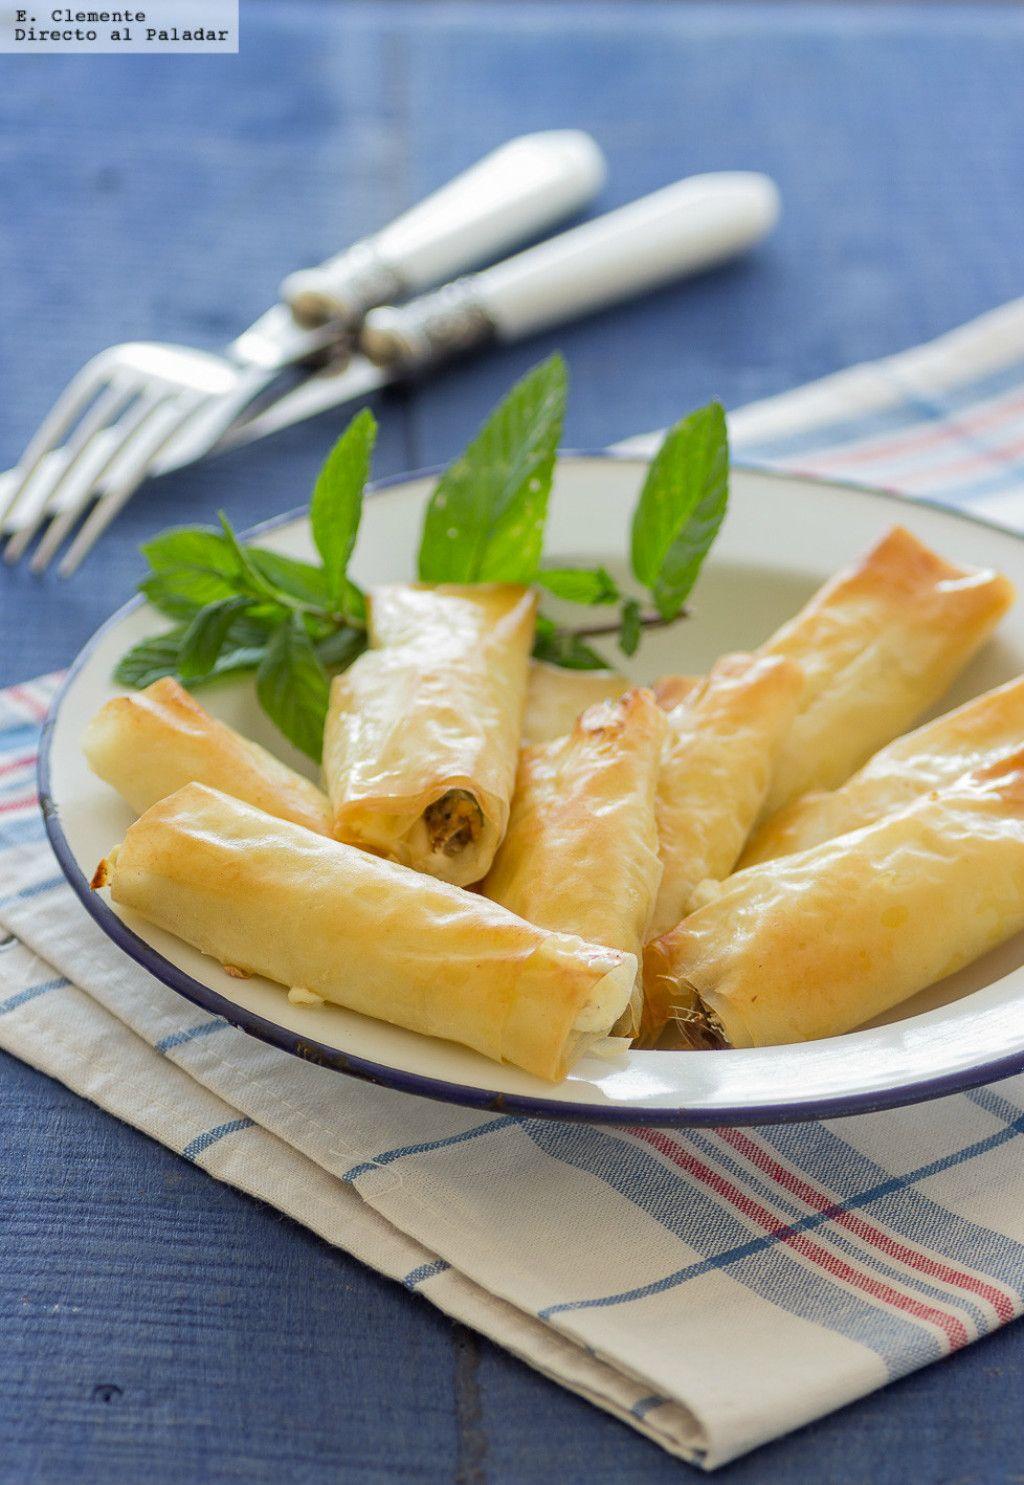 Rollos de pasta filo rellenos de sardinas y queso crema.